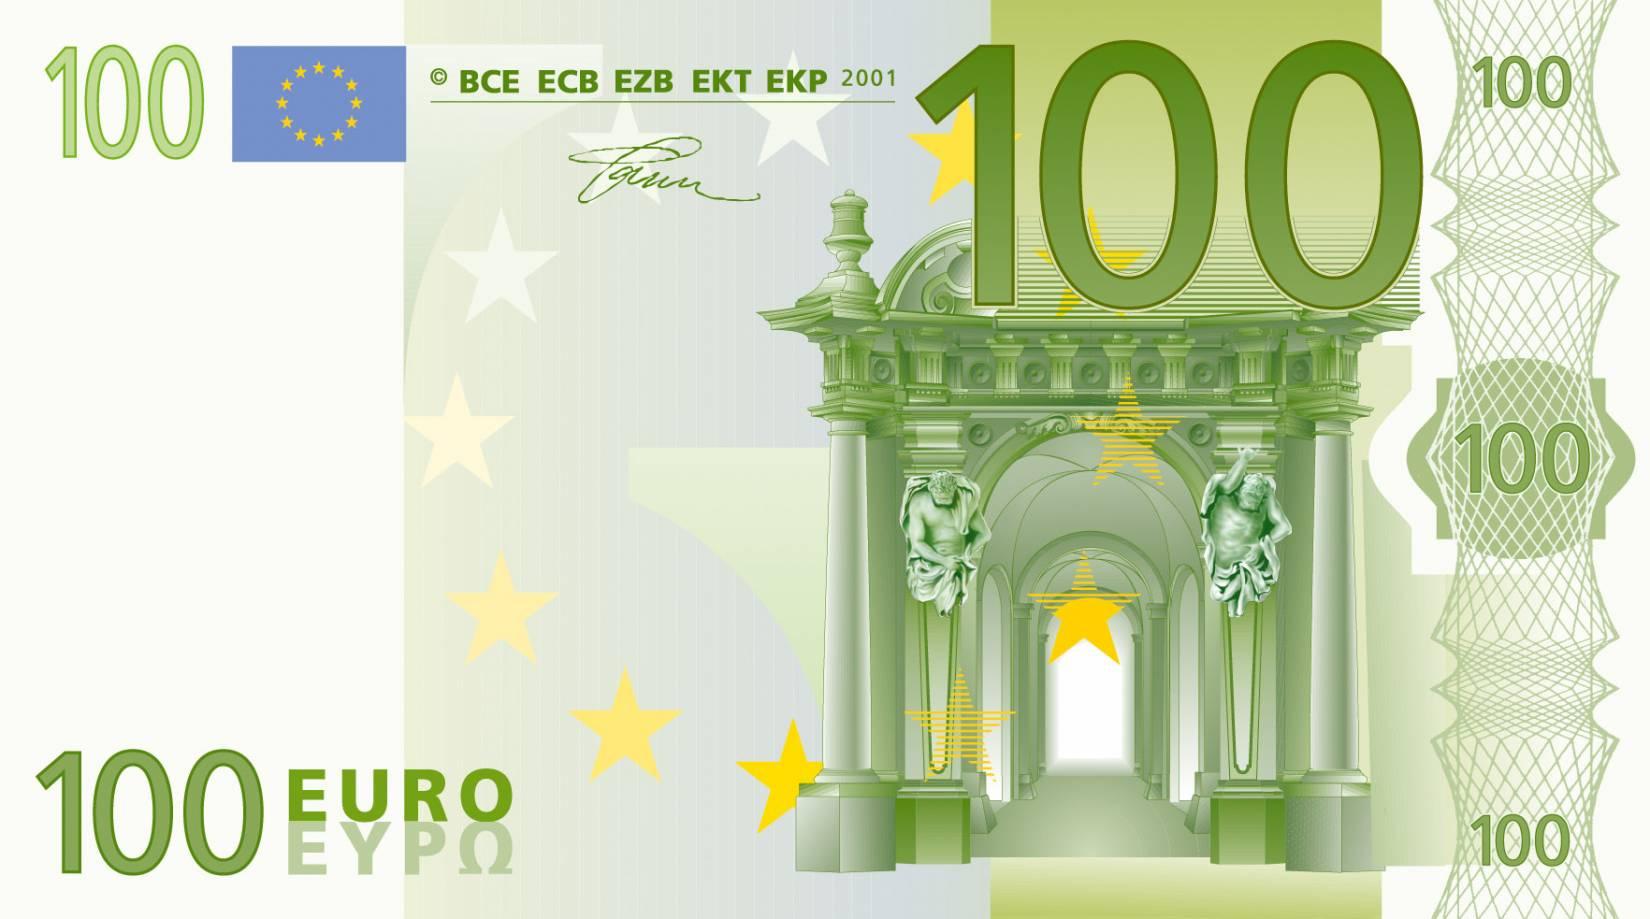 Matos] Billets Factices - Page 4 - Les Étagères Magiques dedans Billet De 100 Euros À Imprimer